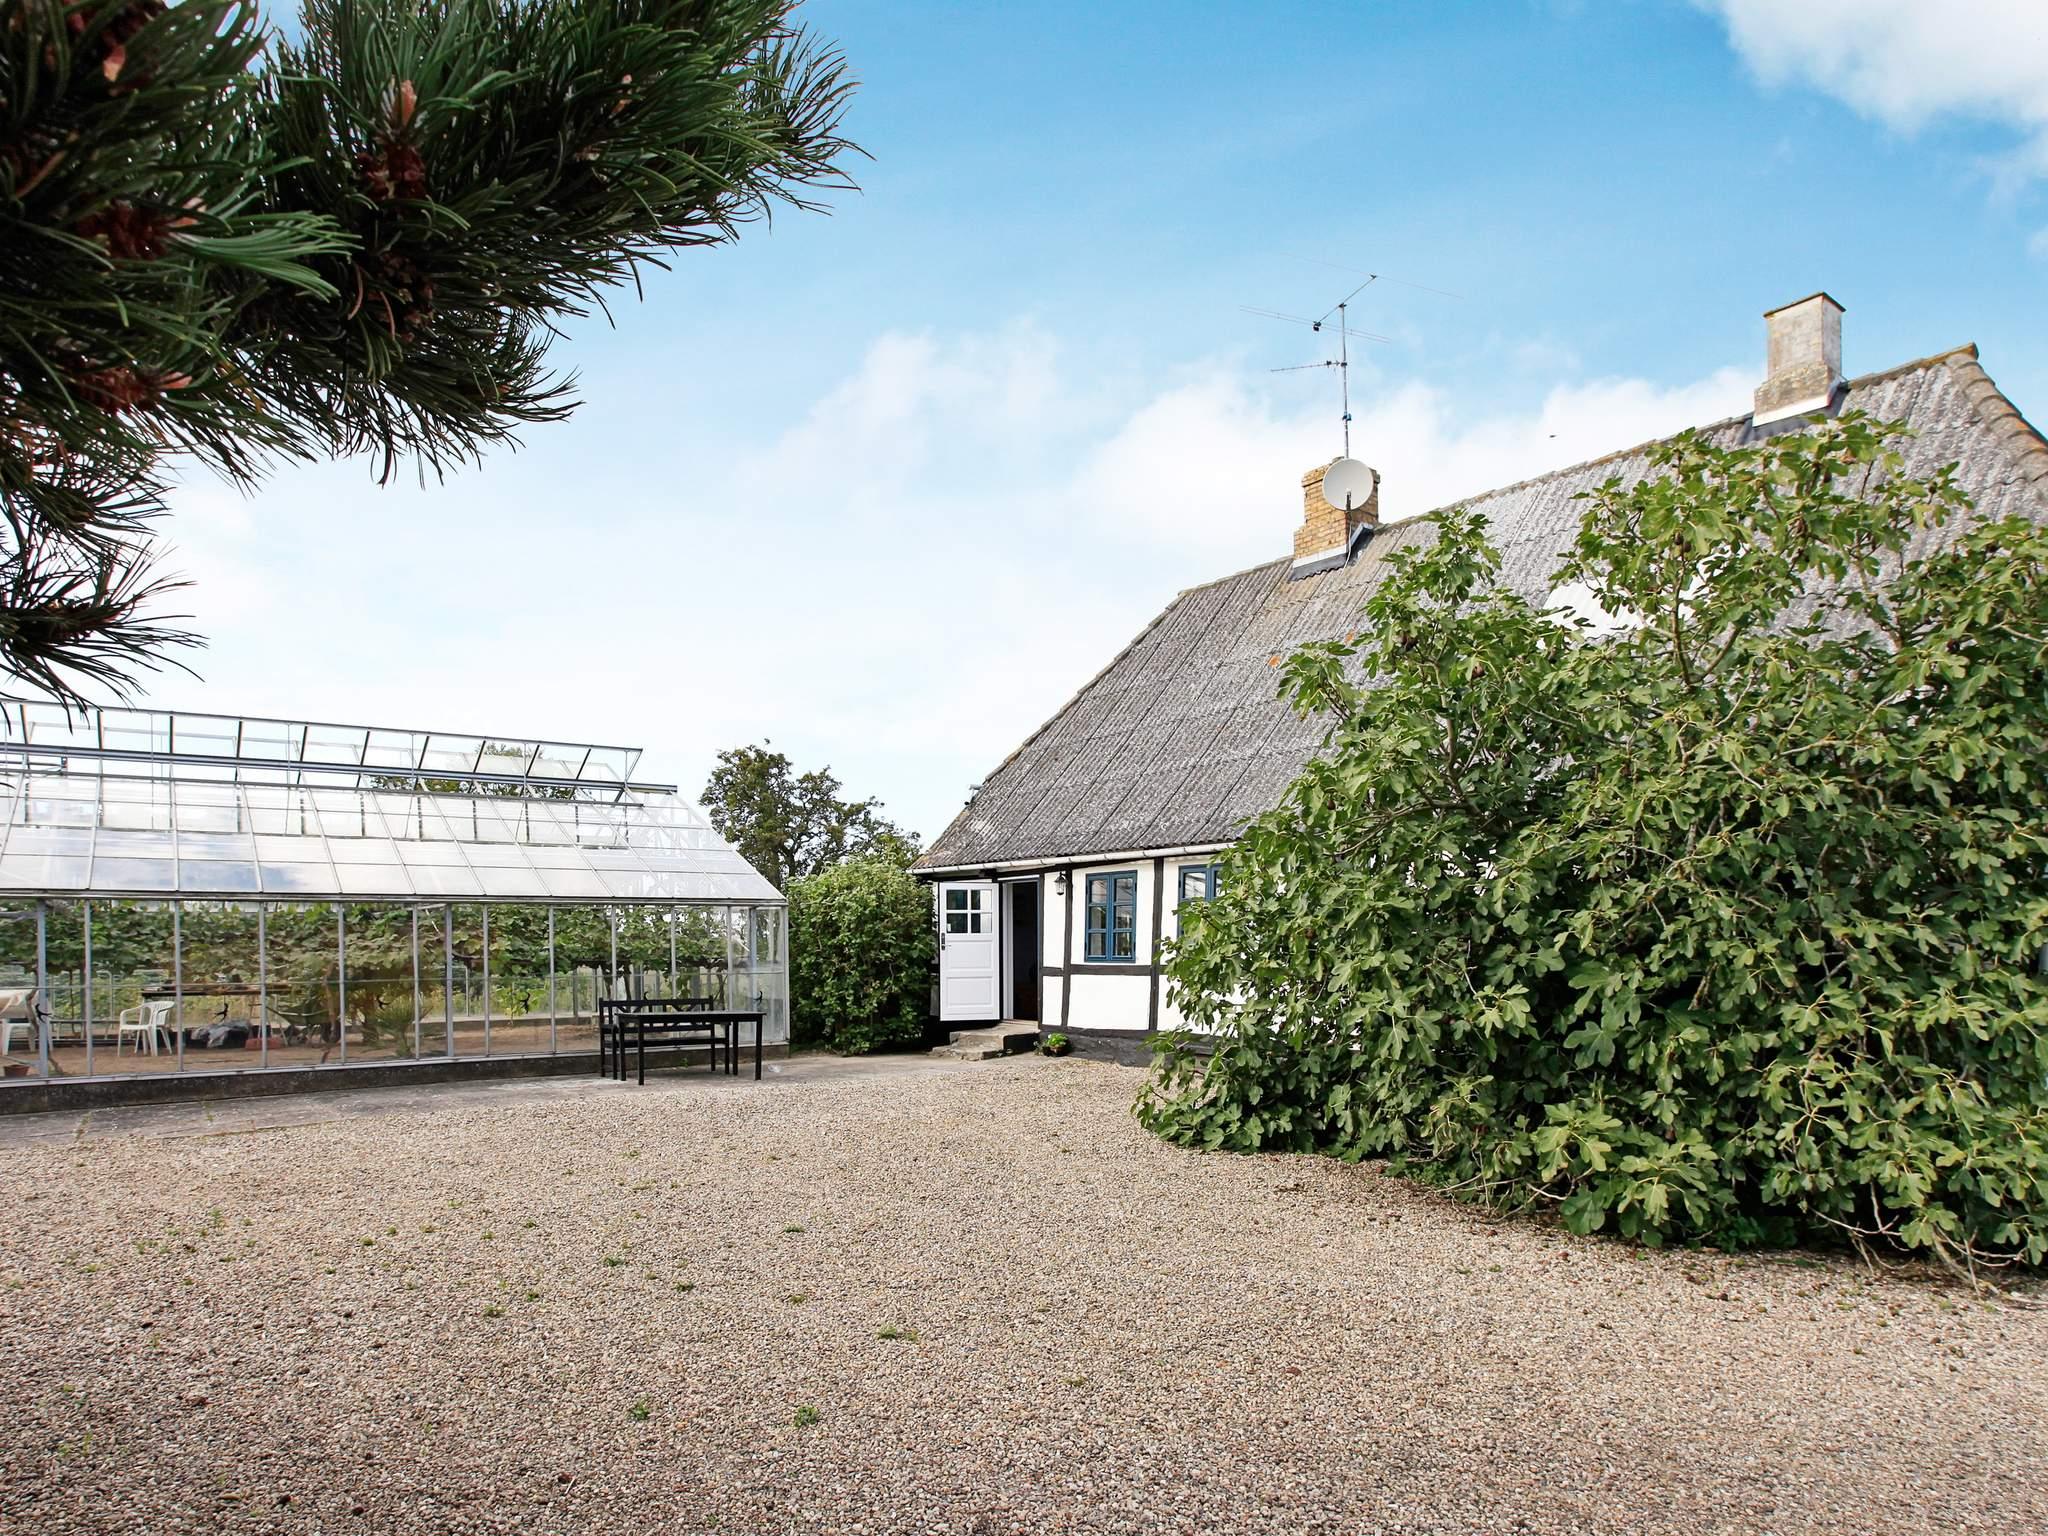 Ferienhaus Hou/Fyn (83188), Tranekær, , Langeland, Dänemark, Bild 14